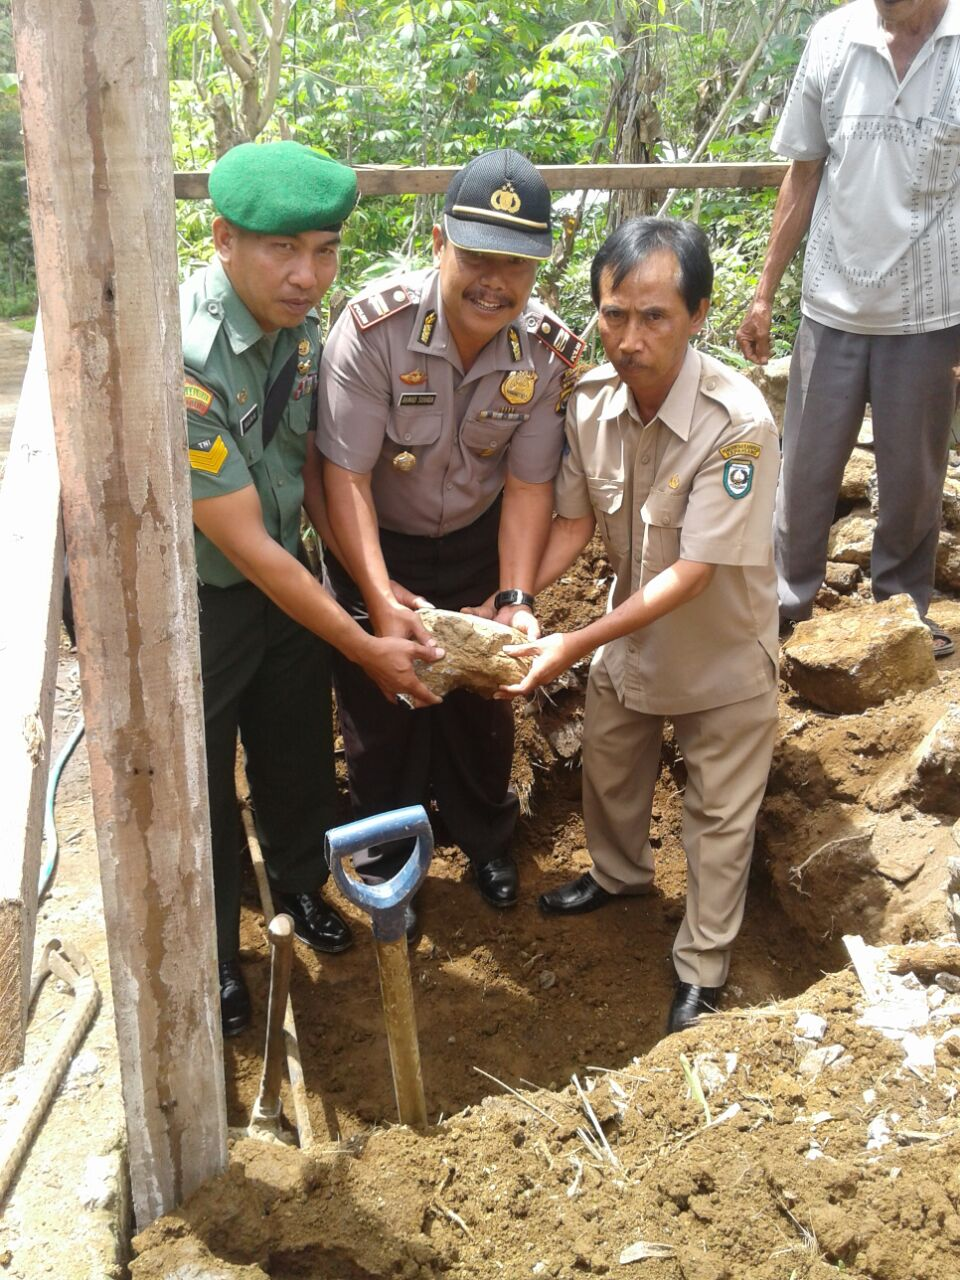 Wujudkan Partisipasi Program Pembangunan, Kapolsek Tebat Karai Laksanakan Peletakan Batu Pertama